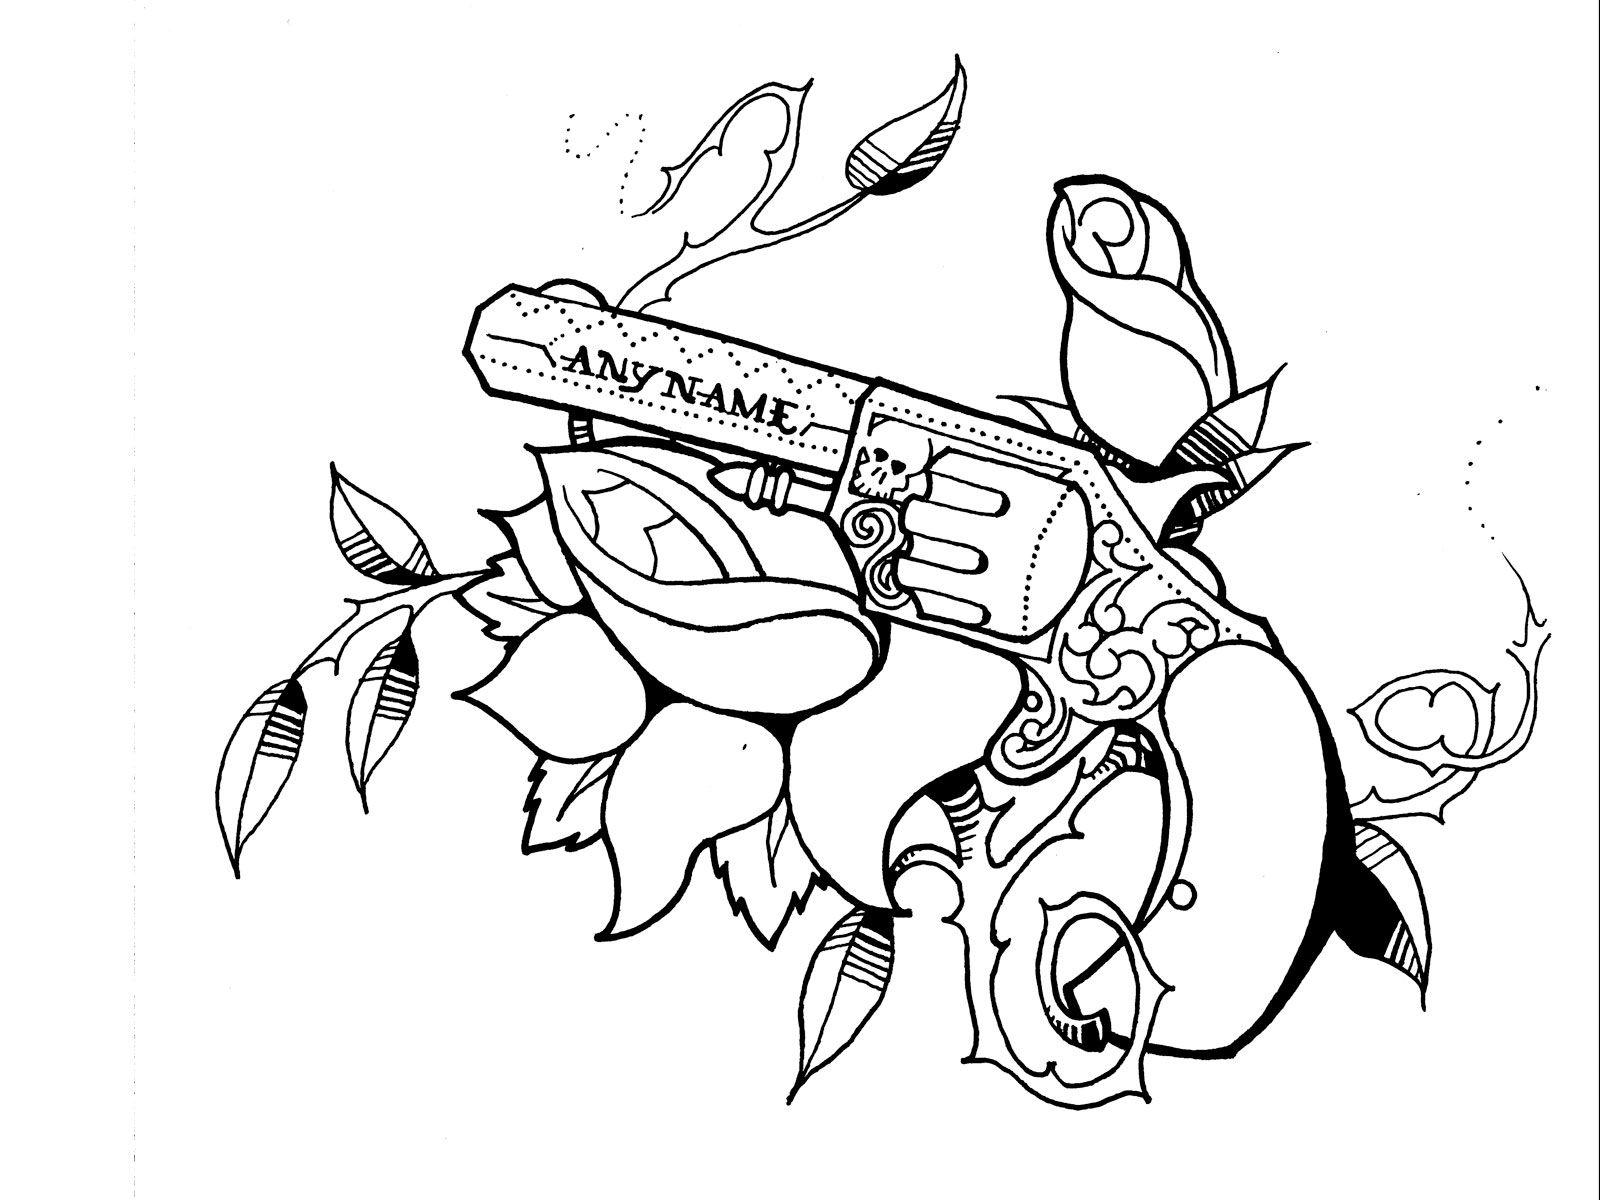 1600x1200 Pistol Gun Tattoo Drawing Pistol Tattoo Drawings For Girls